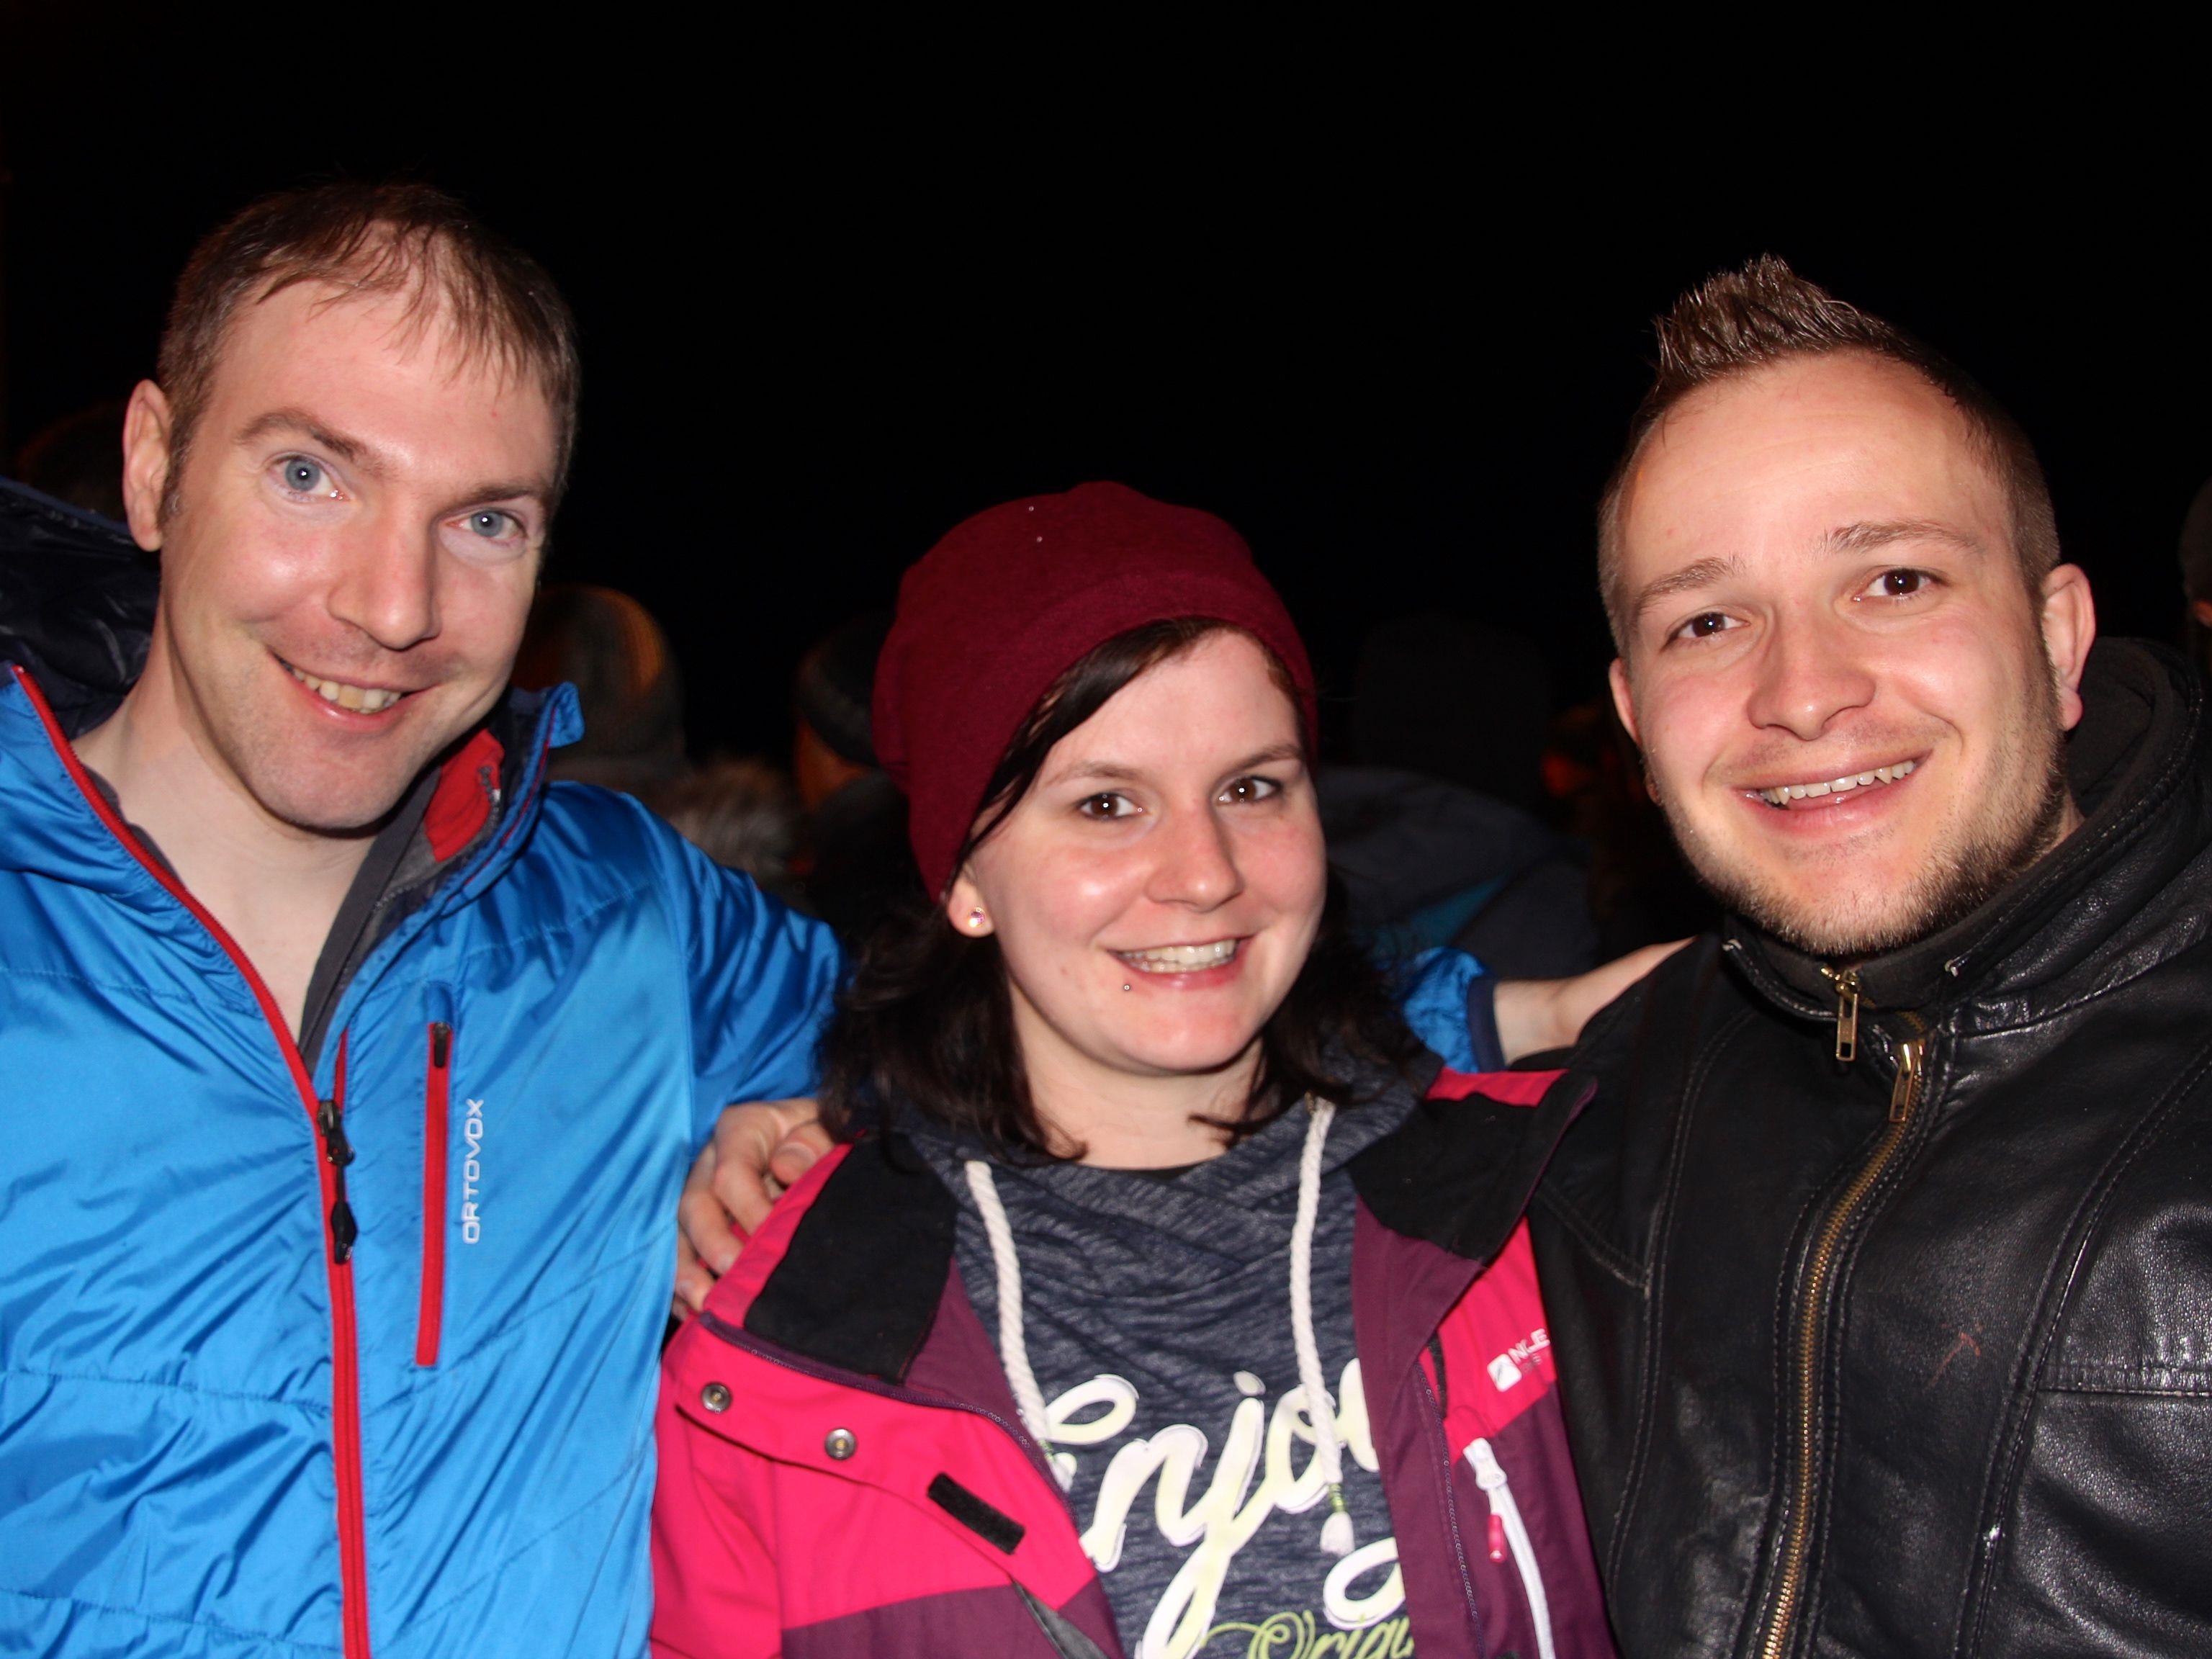 Gregor Meier, Stefanie Böhler und Paul Pöcheim hatten viel Spaß beim Nofler Funken 2017.